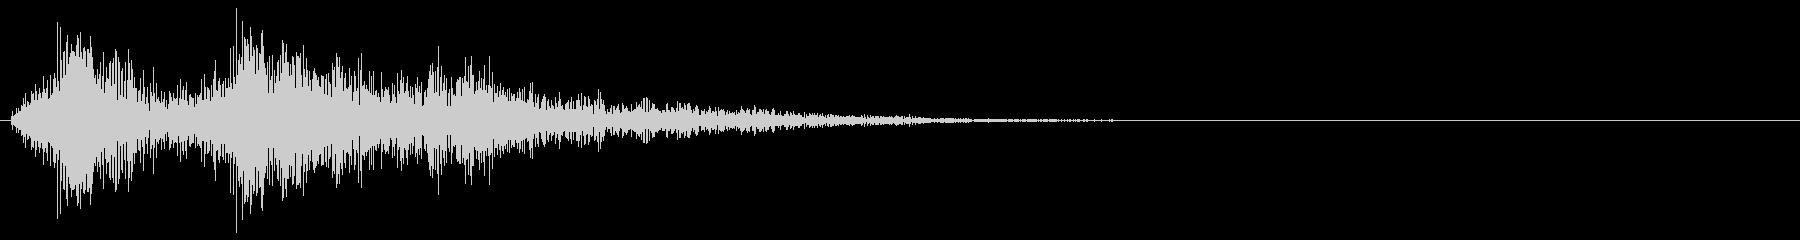 チャキン(装備装着・鍛錬)の未再生の波形